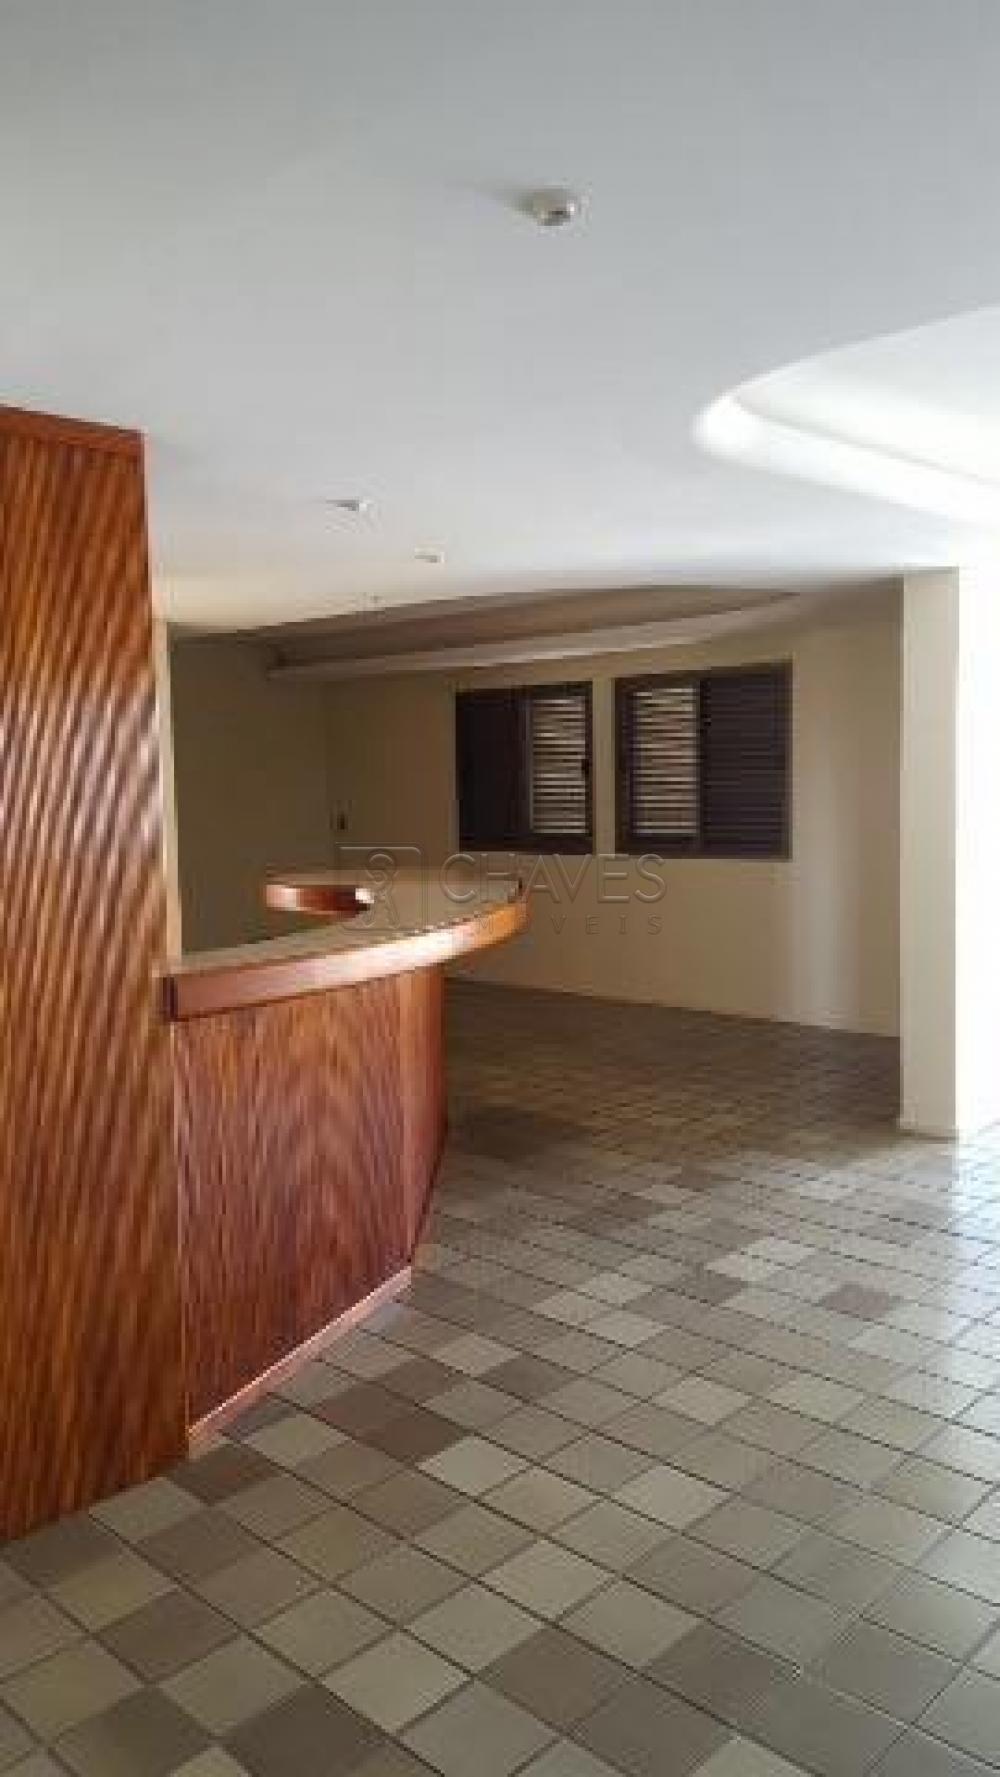 Alugar Apartamento / Cobertura em Ribeirão Preto apenas R$ 3.200,00 - Foto 2